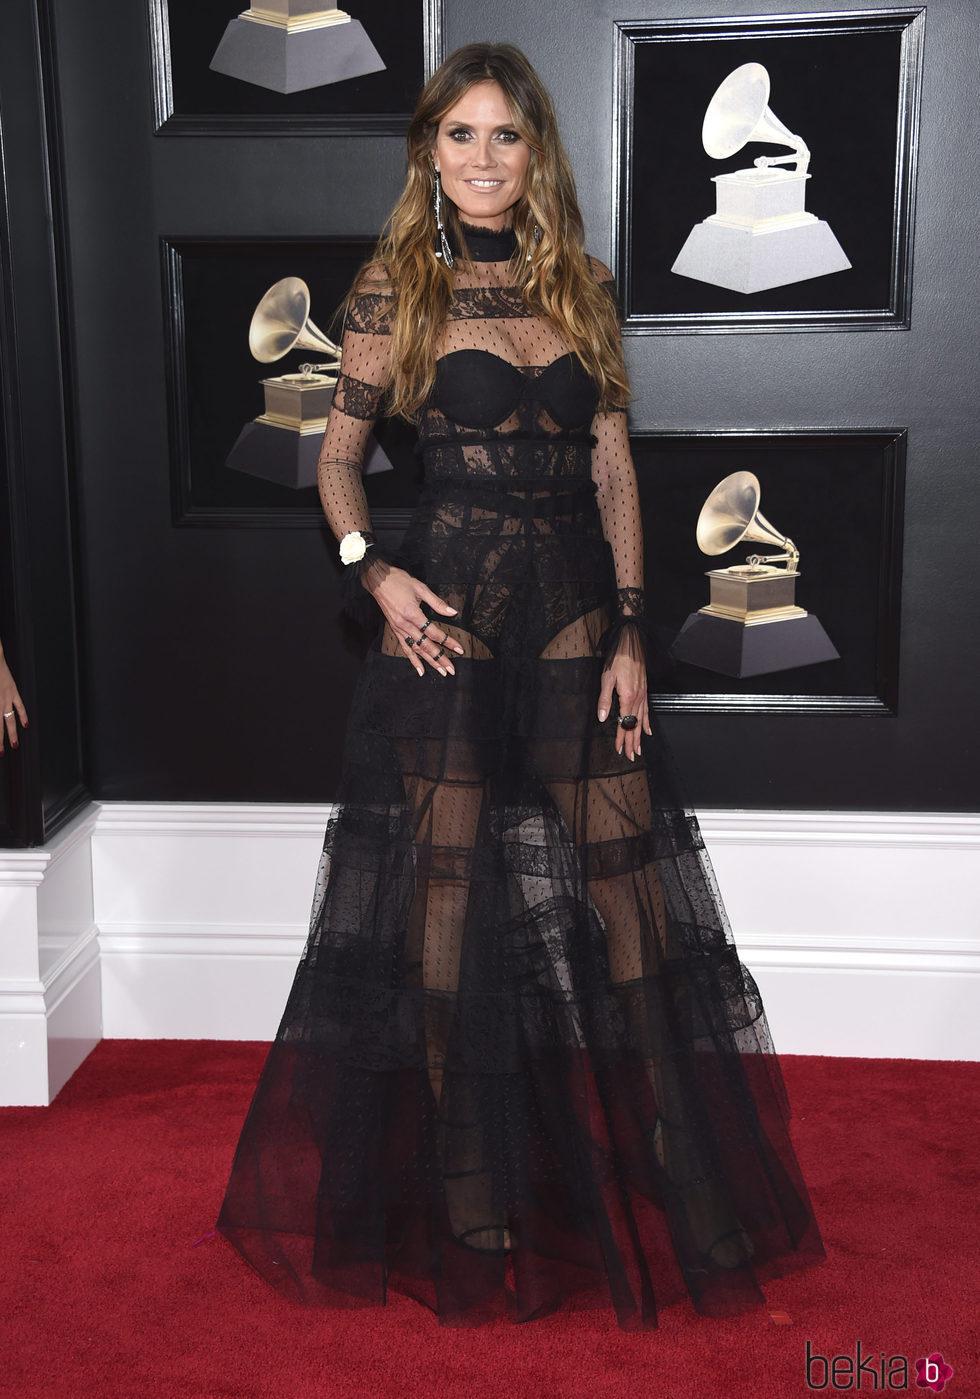 Heidi Klum en la alfombra roja de los Premios Grammy 2018